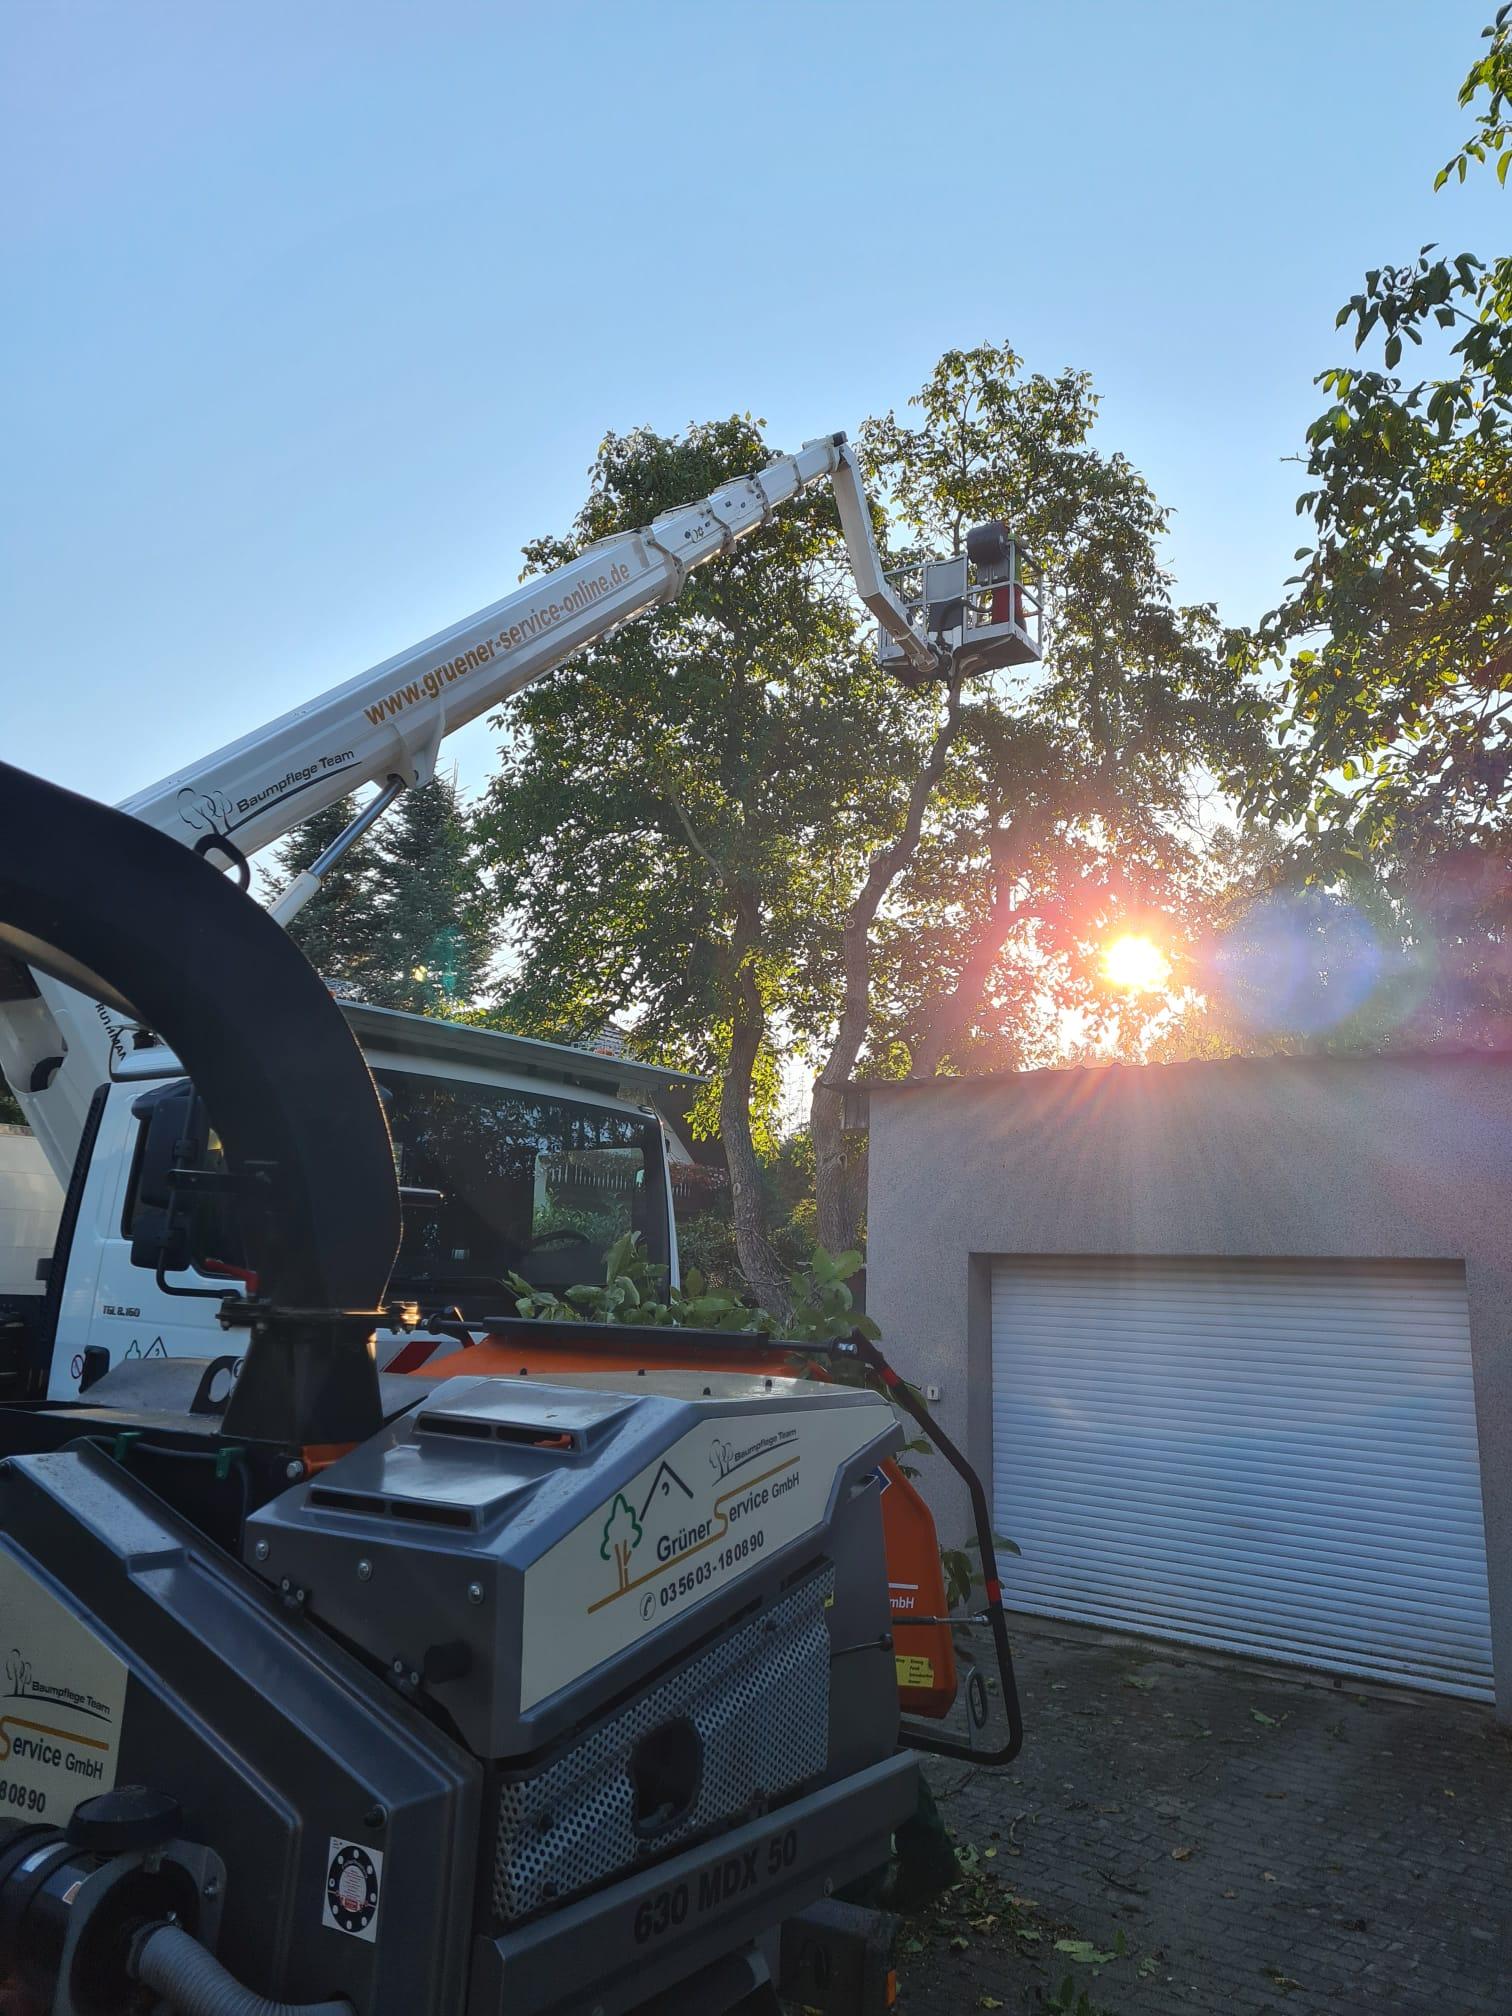 Baumarbeiten beginnen in den frühen Morgenstunden